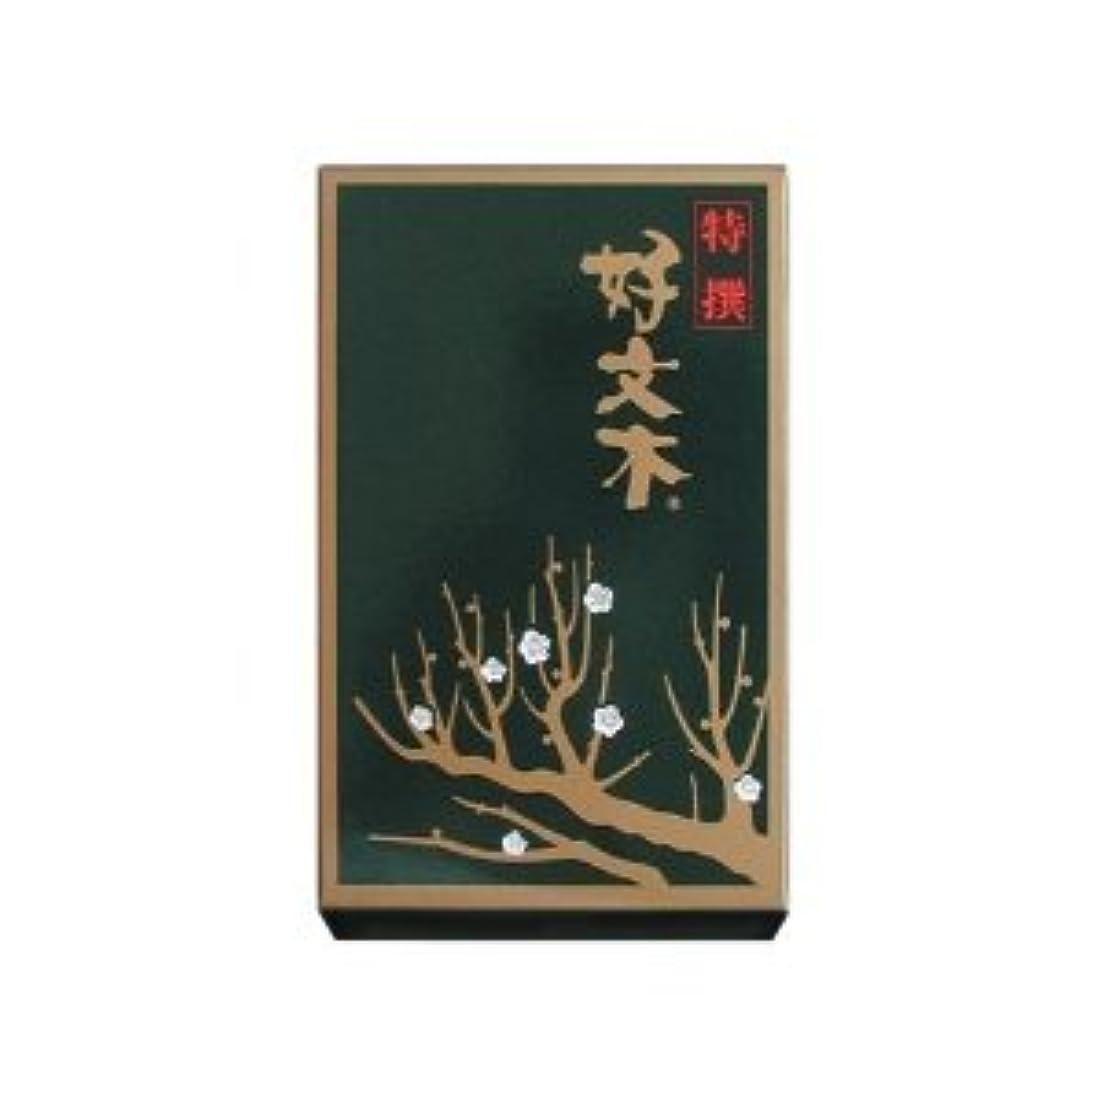 北へホステル黒板梅栄堂 特撰好文木 短寸大型バラ詰